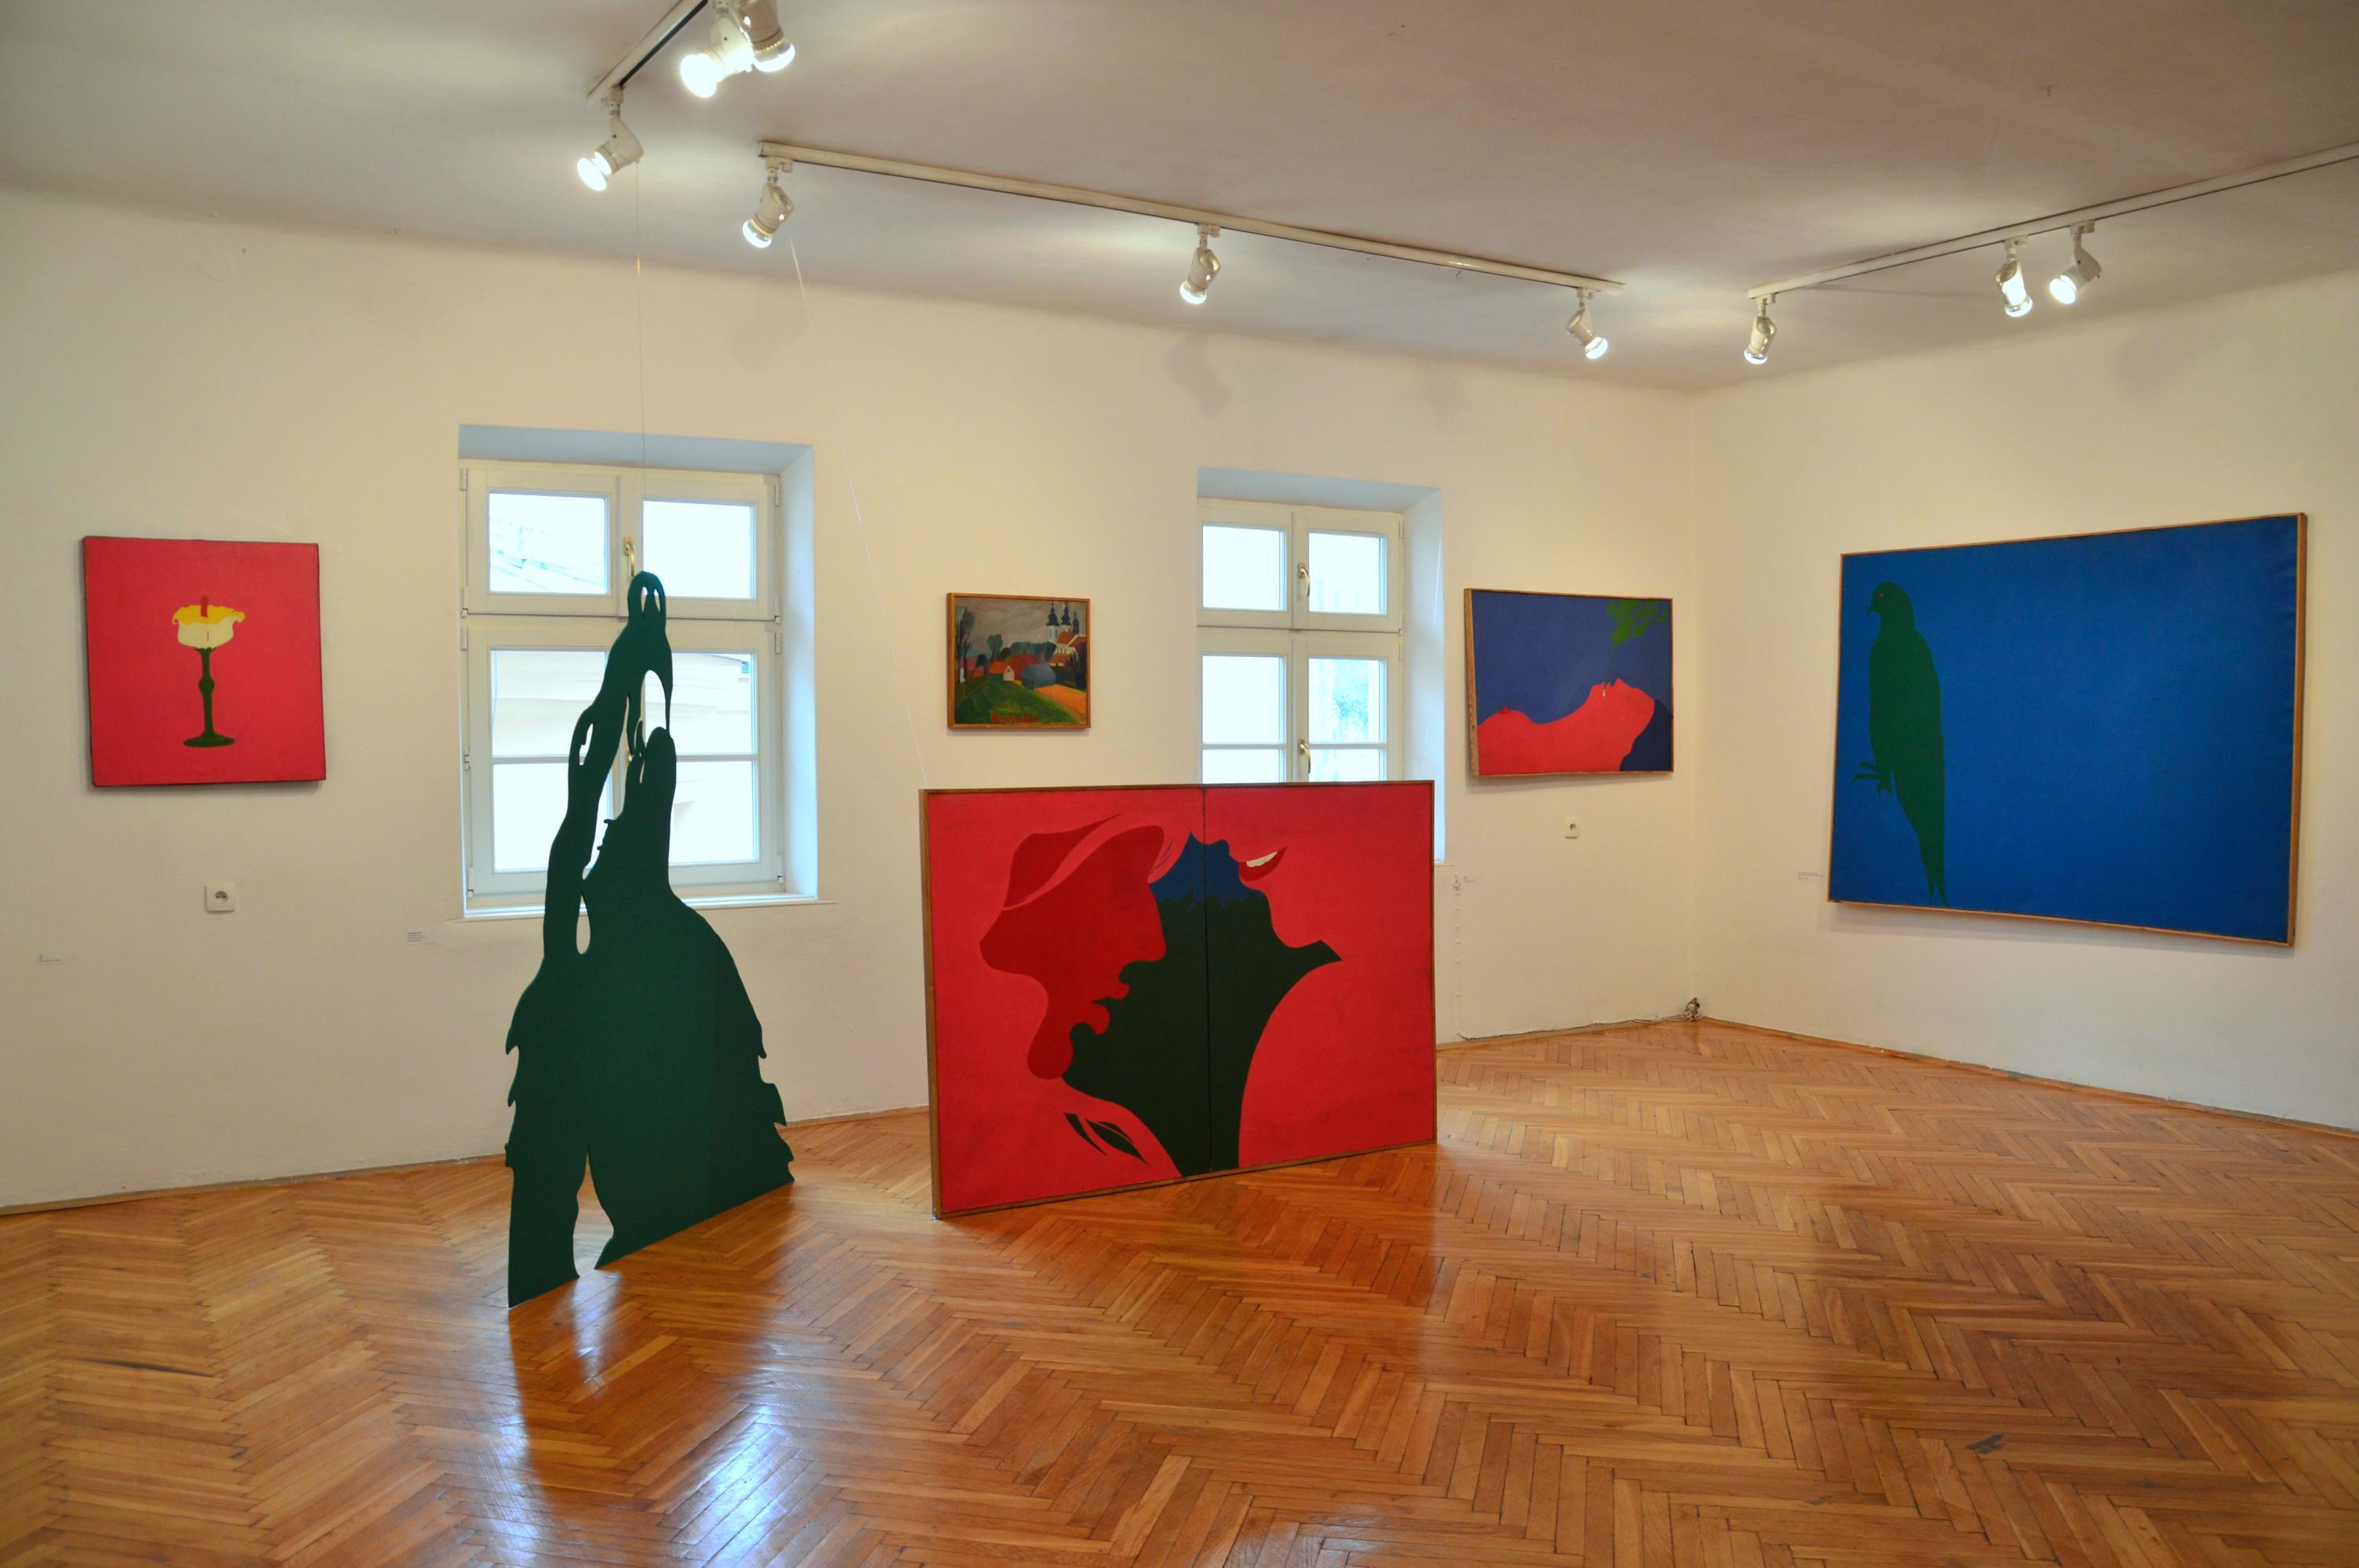 Jurry Zieliński Paradis widok wystawy wGalerii Zderzak, Kraków